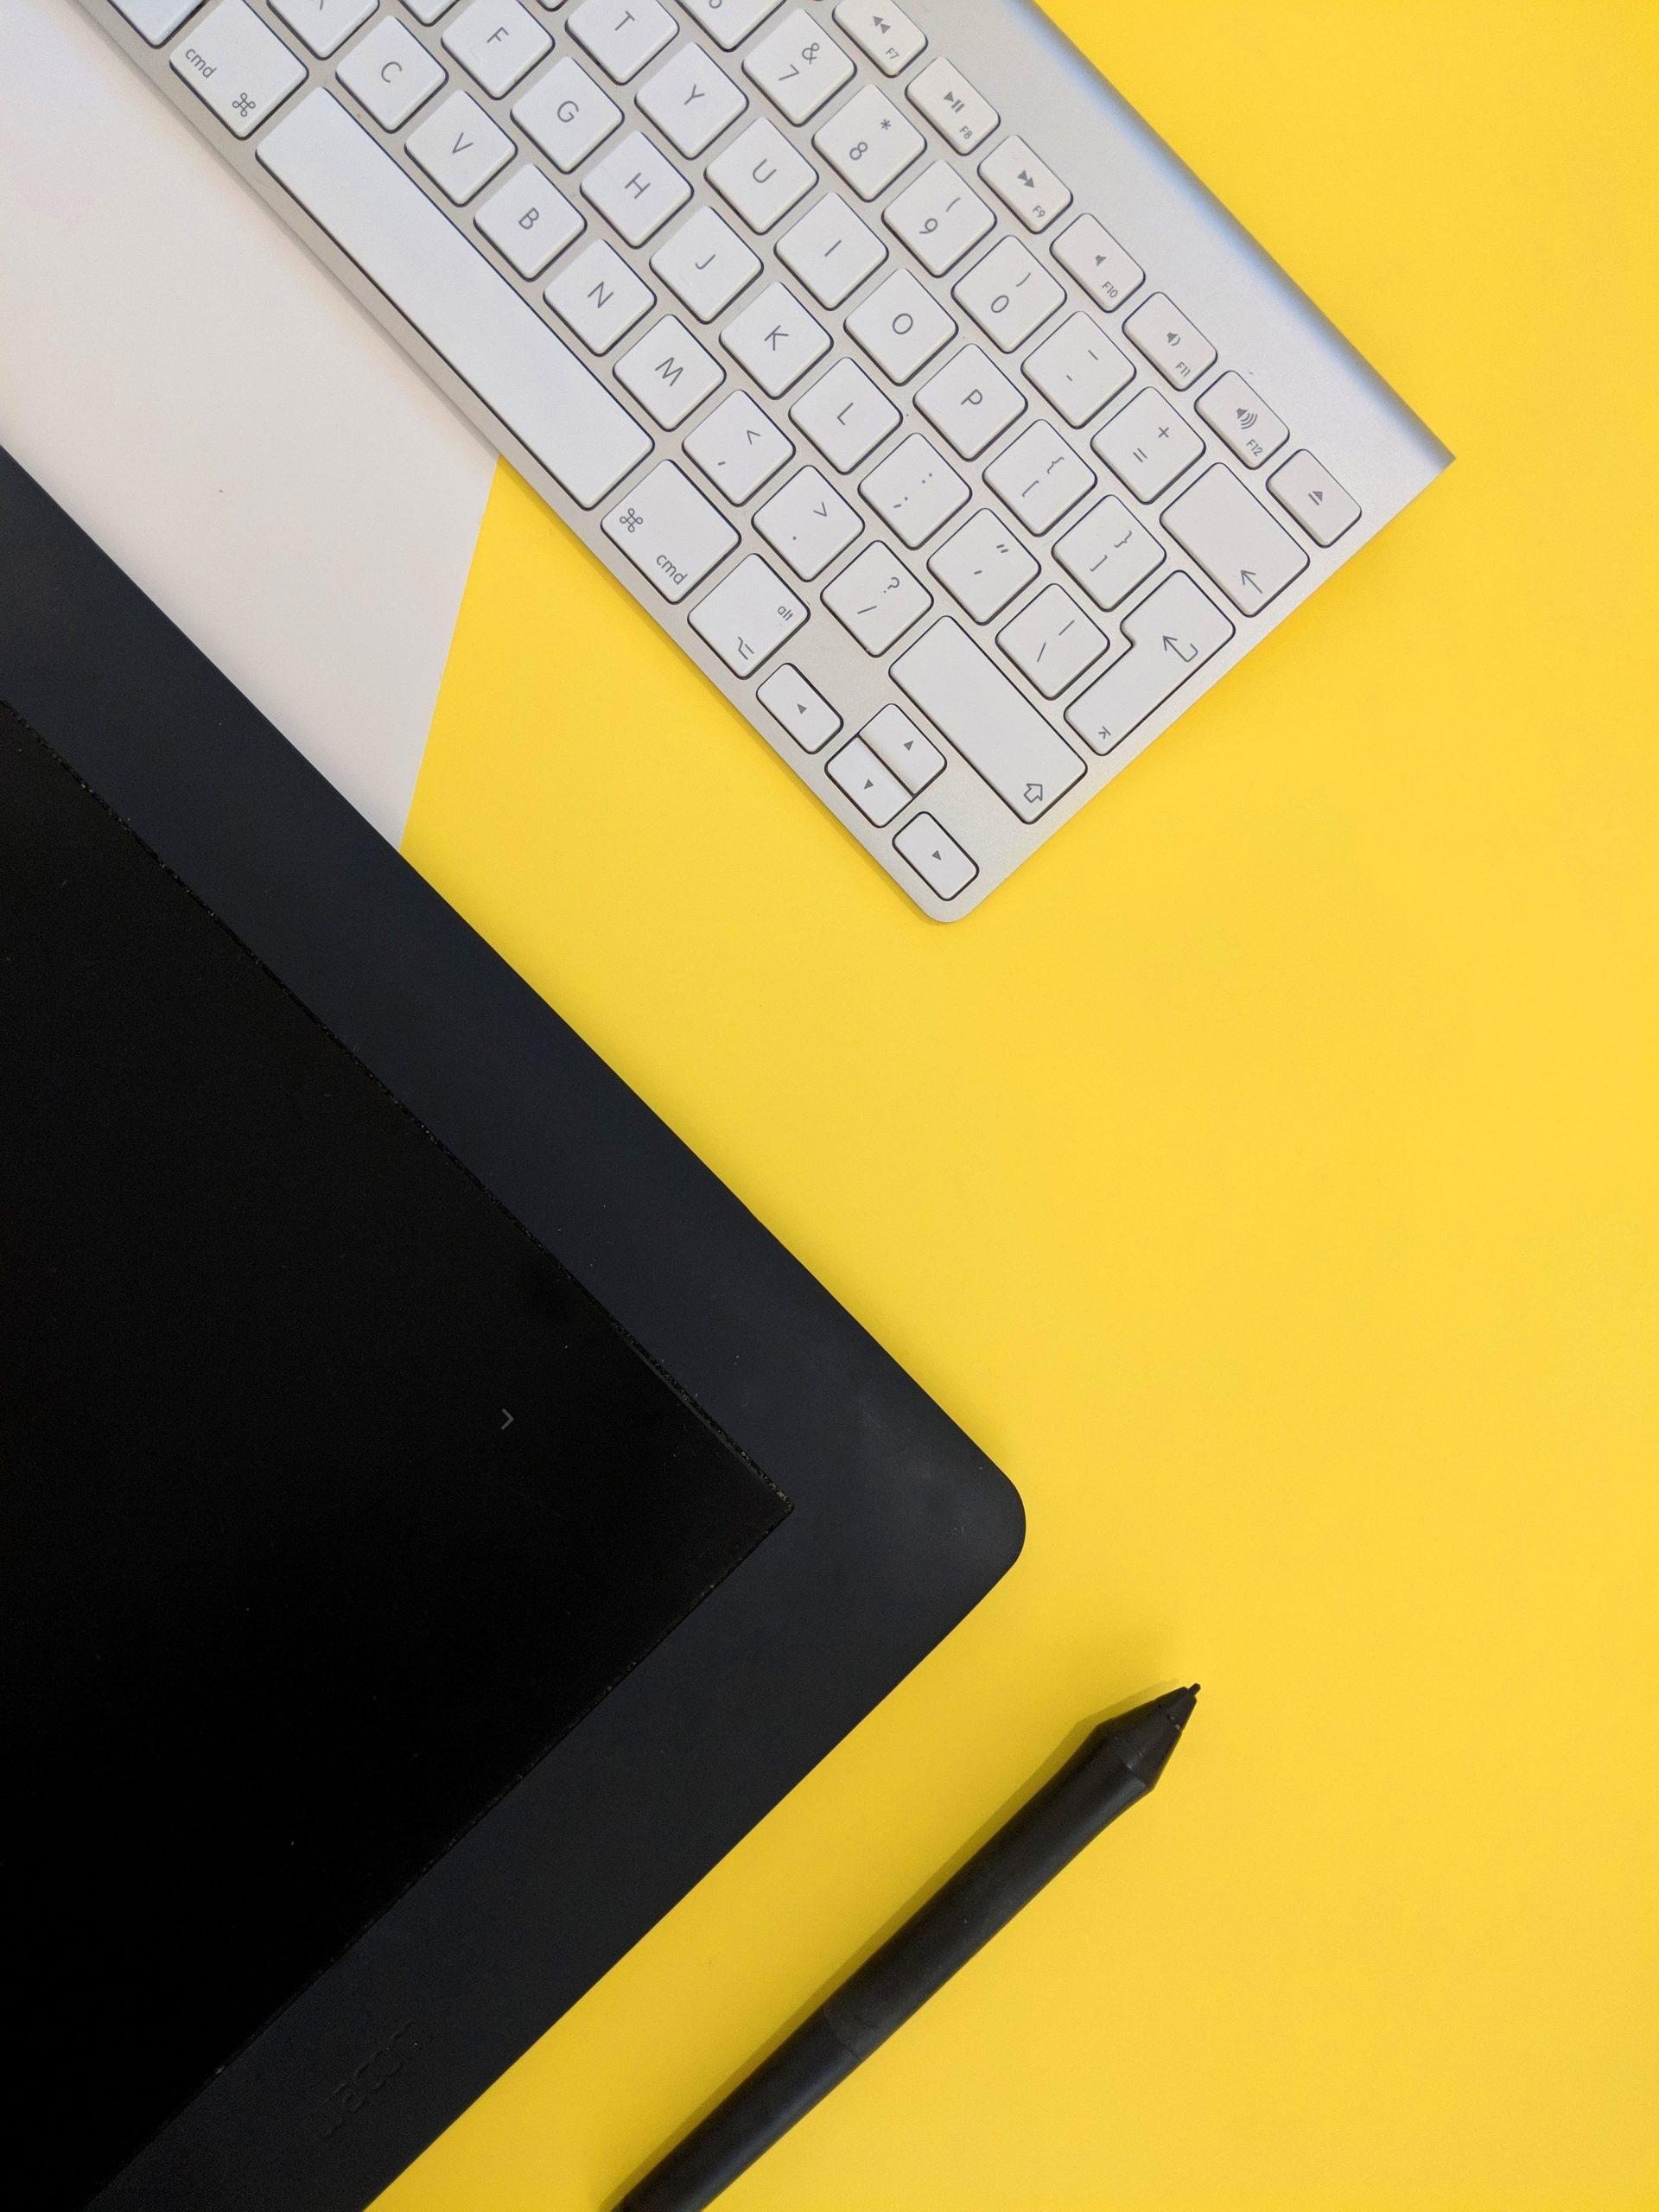 Scrivere testi ottimizzati SEO, cioè per i motori di ricerca, è molto importante per scegliere le parole chiave giuste e farti trovare dal tuo futuro cliente.